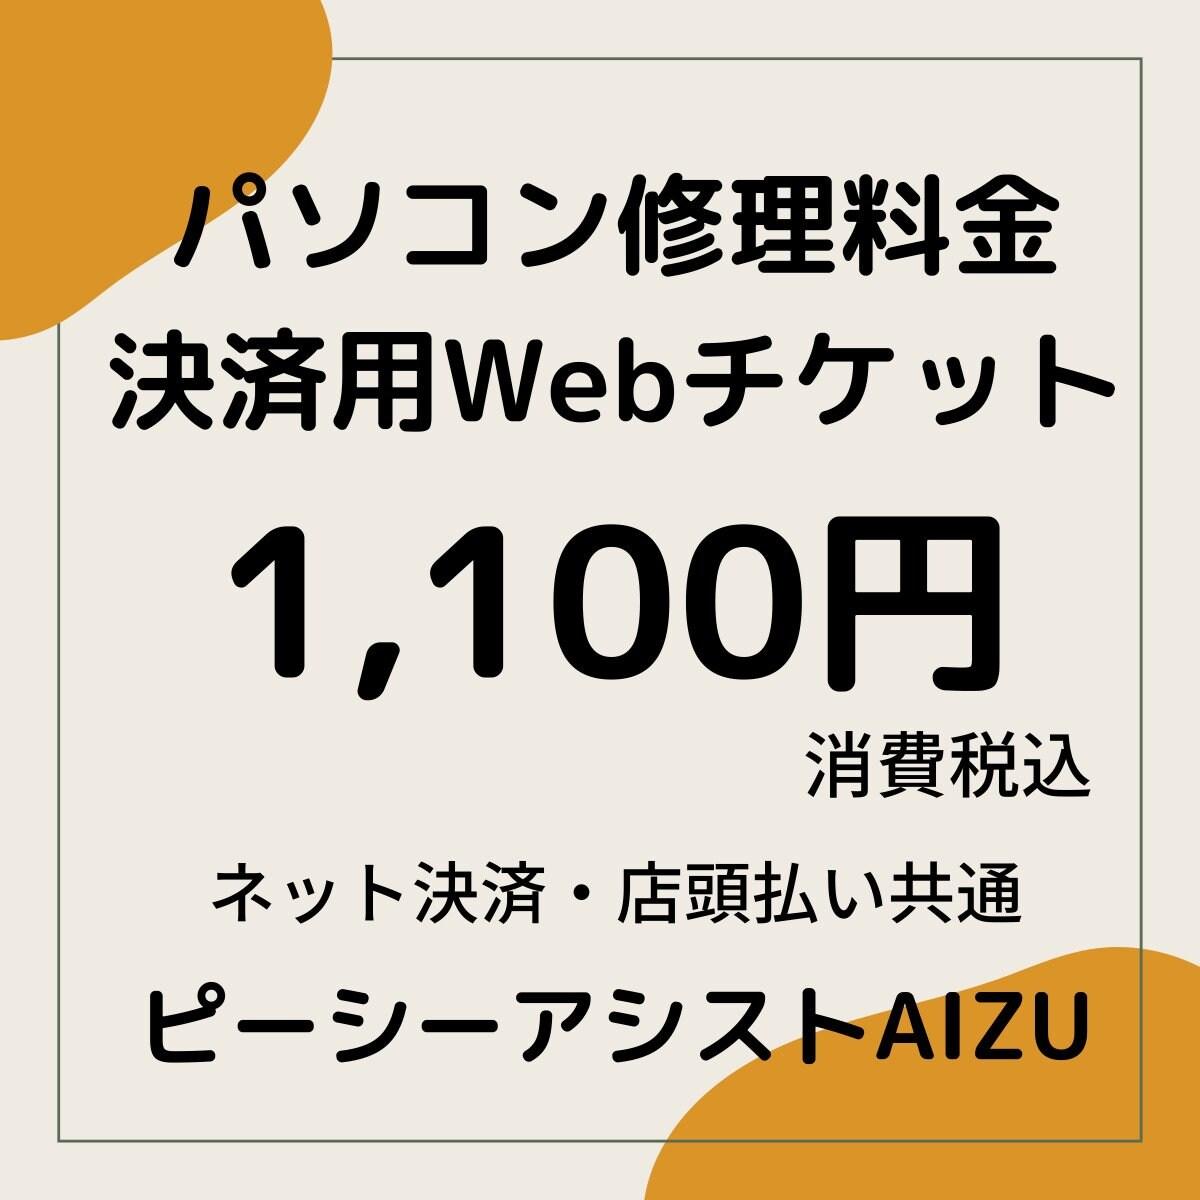 ネット決済・店頭決済共通 パソコン修理費用決済チケット1100円分のイメージその1